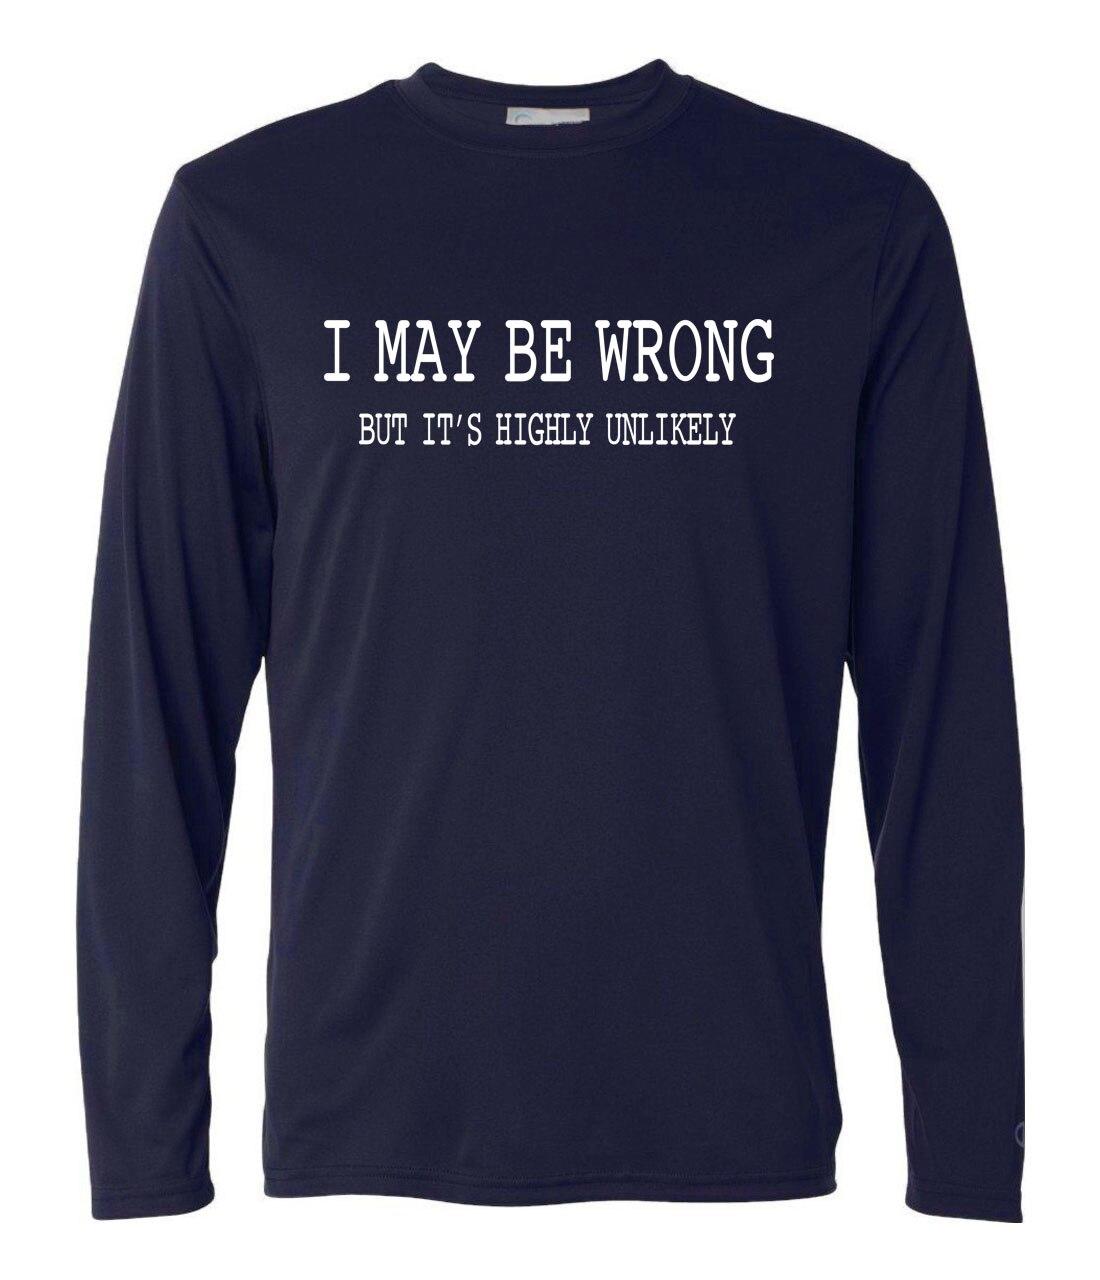 Männer Frühling Herbst Lustige Sprüche Slogans Camisetas Ich